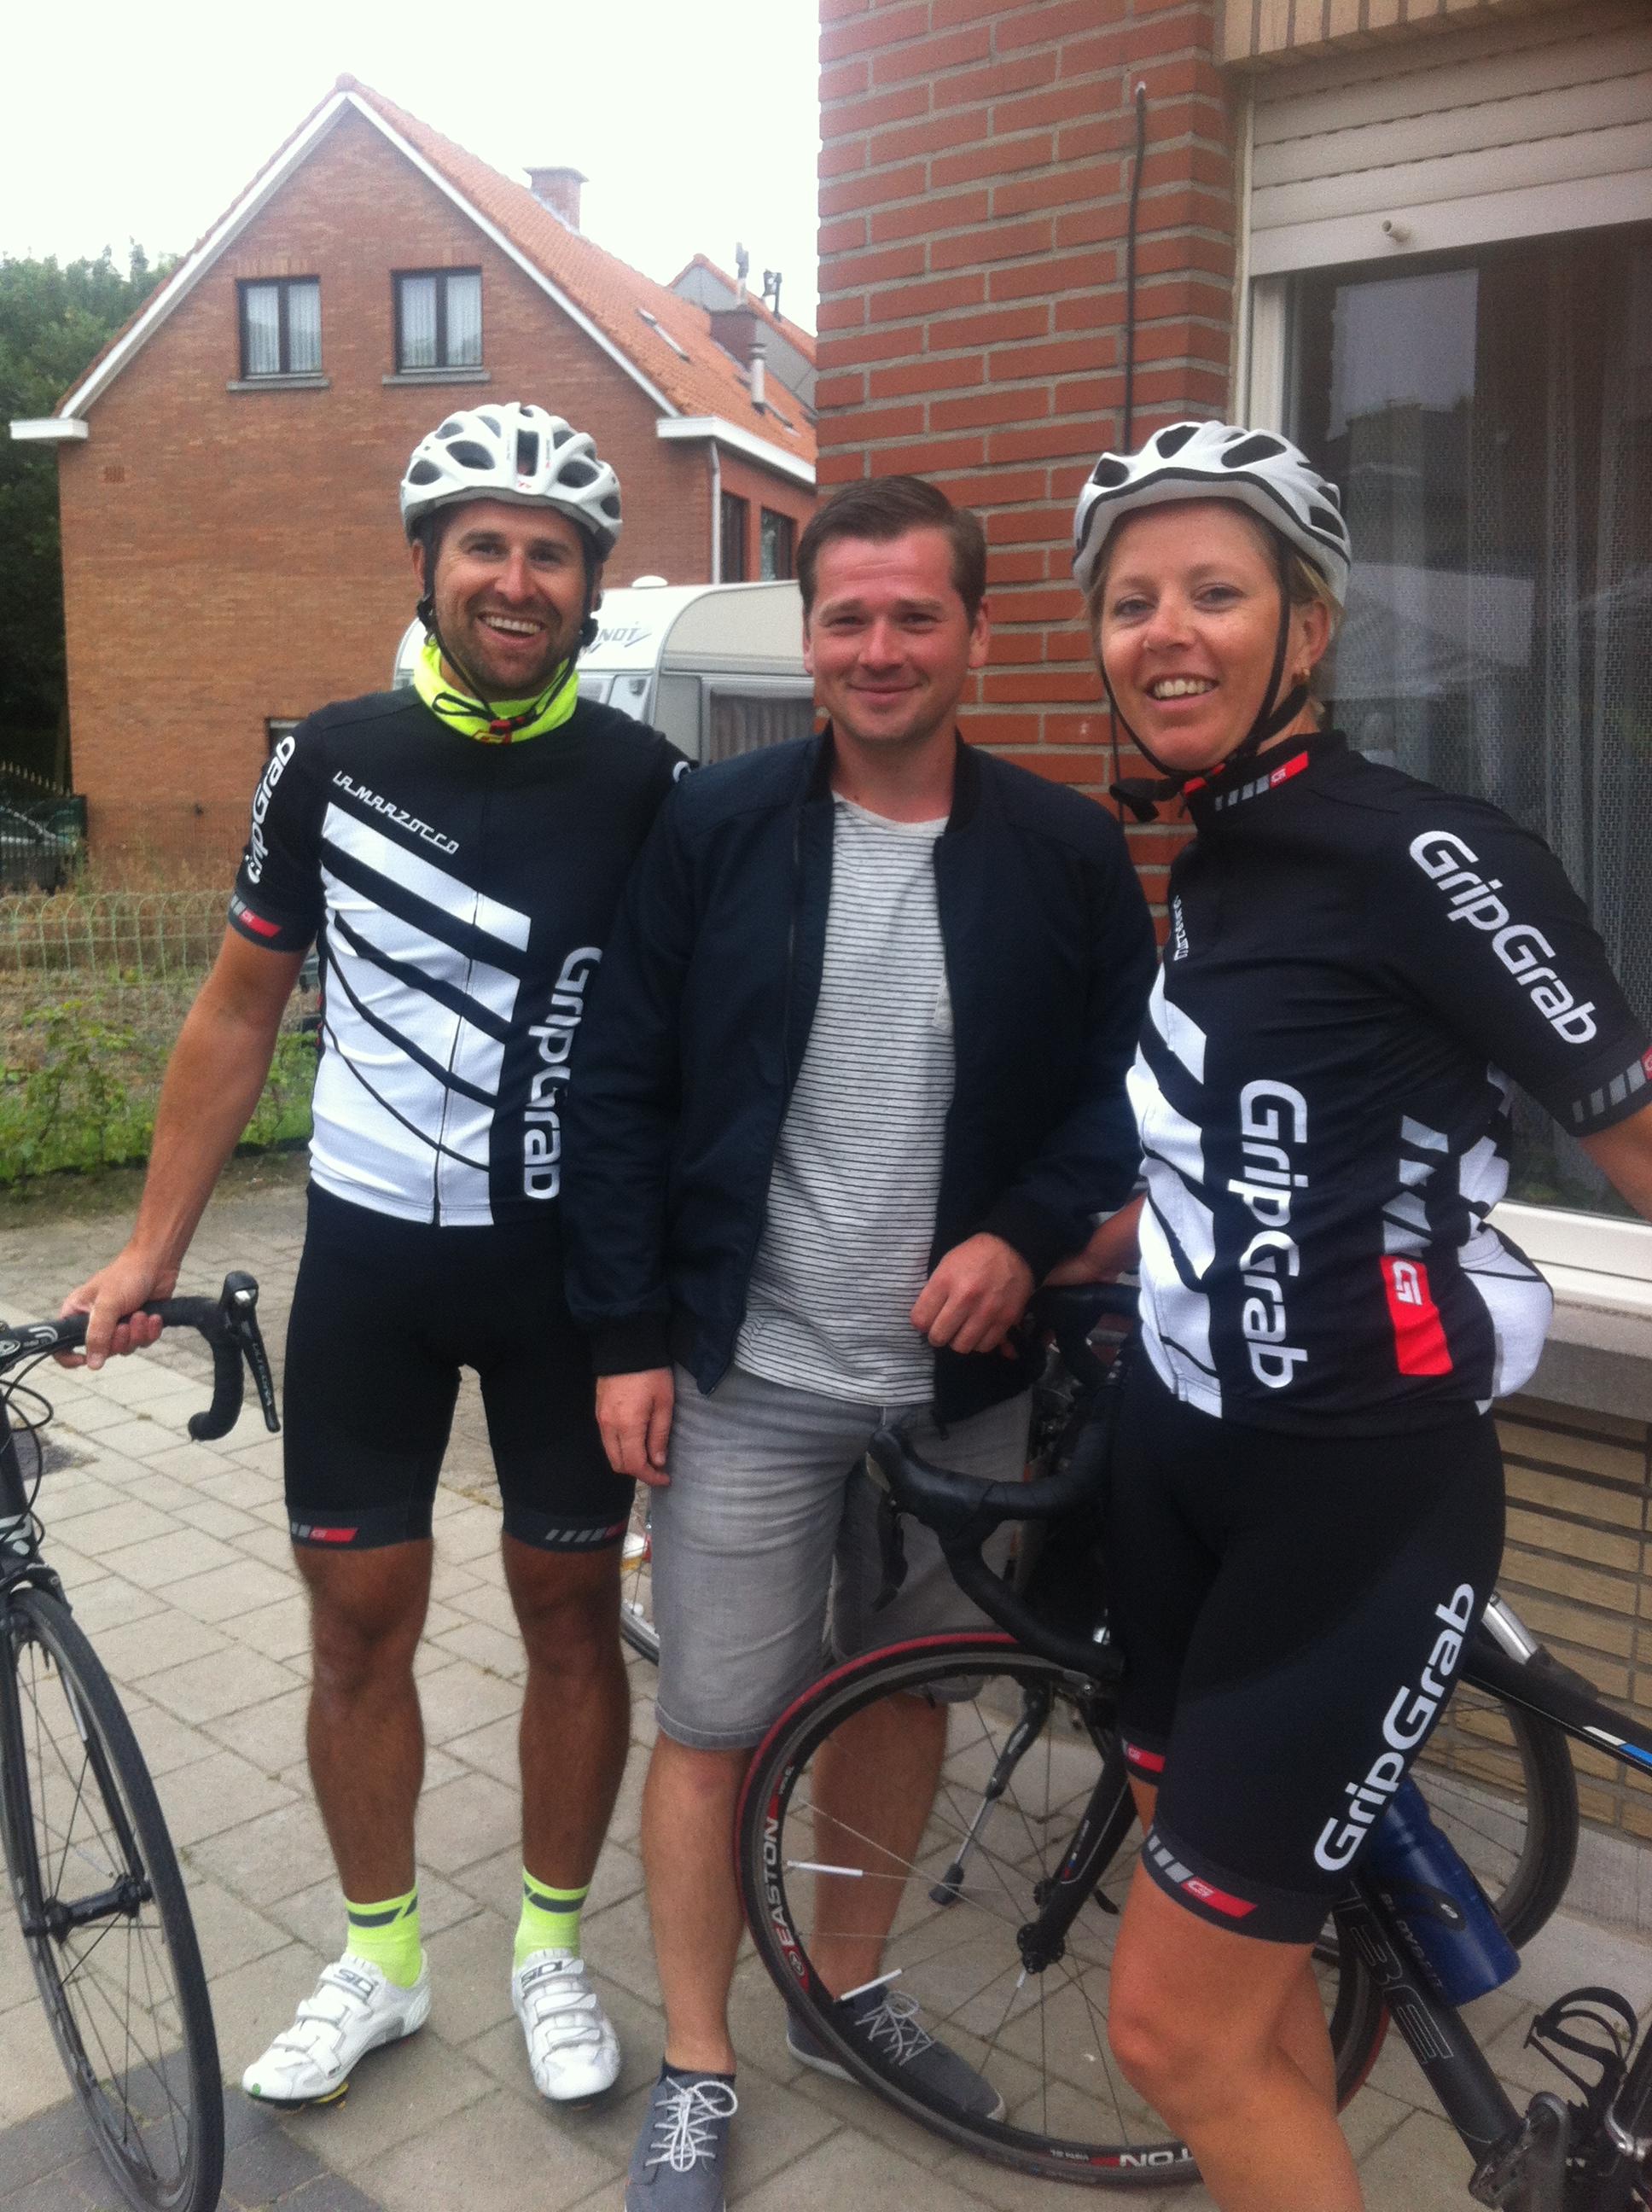 The Verhulst family turned up to support Conor in Bazel including Koen, Maarten and Lies Verhulst